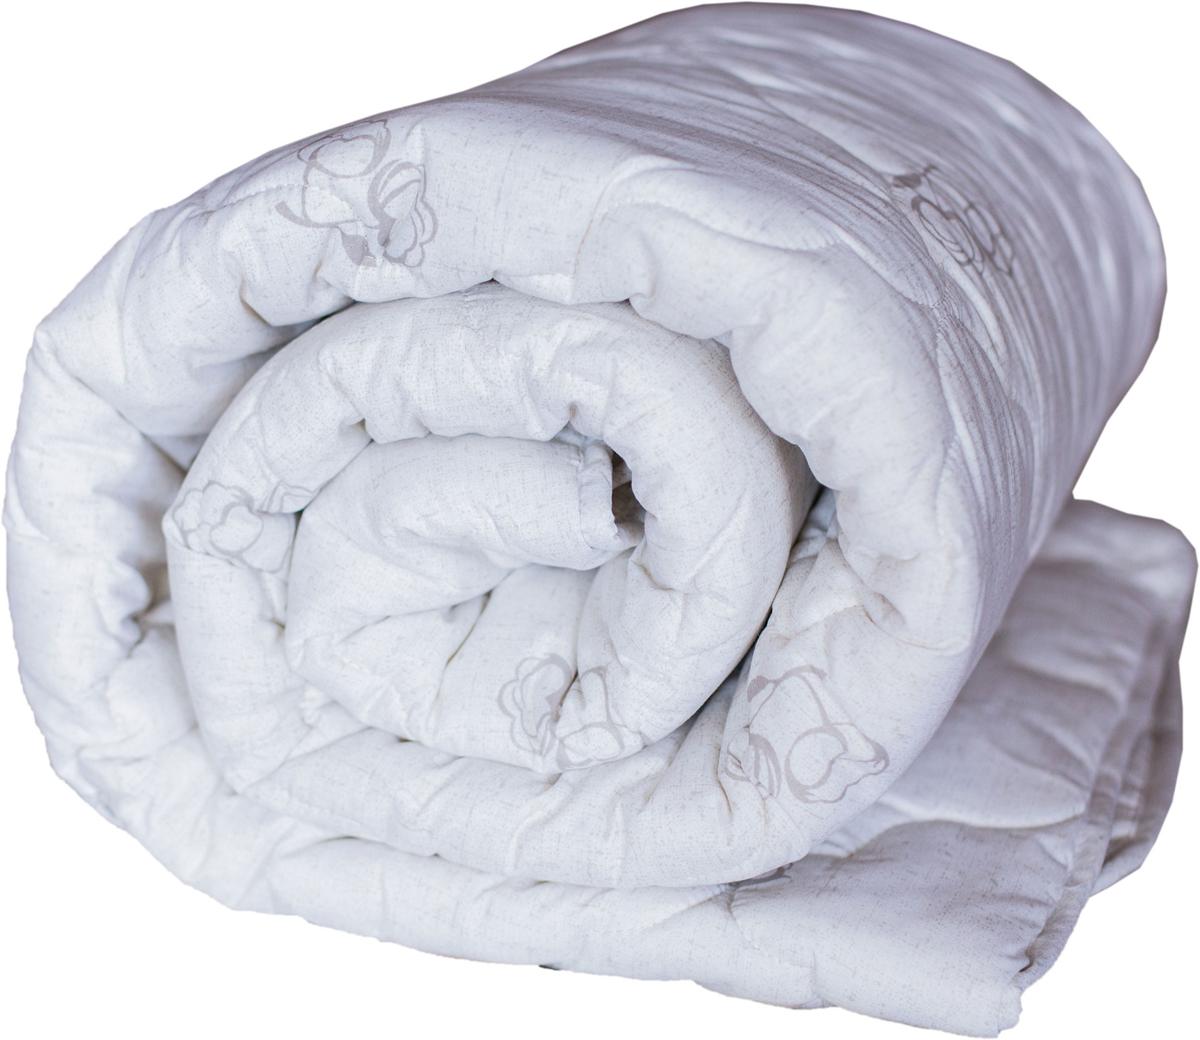 Изделия из хлопкового волокна ценят за их мягкость и теплоту. Хлопок - это здоровый натуральный природный материал, он хорошо регулирует температуру, согревая тело во время сна.  Одеяло изготовлено из ткани поликоттон гладкокрашеный с фирменной стежкой и дизайном.  Окантовано изделие косой бейкой.  Изделие пышное, легкое и очень теплое.